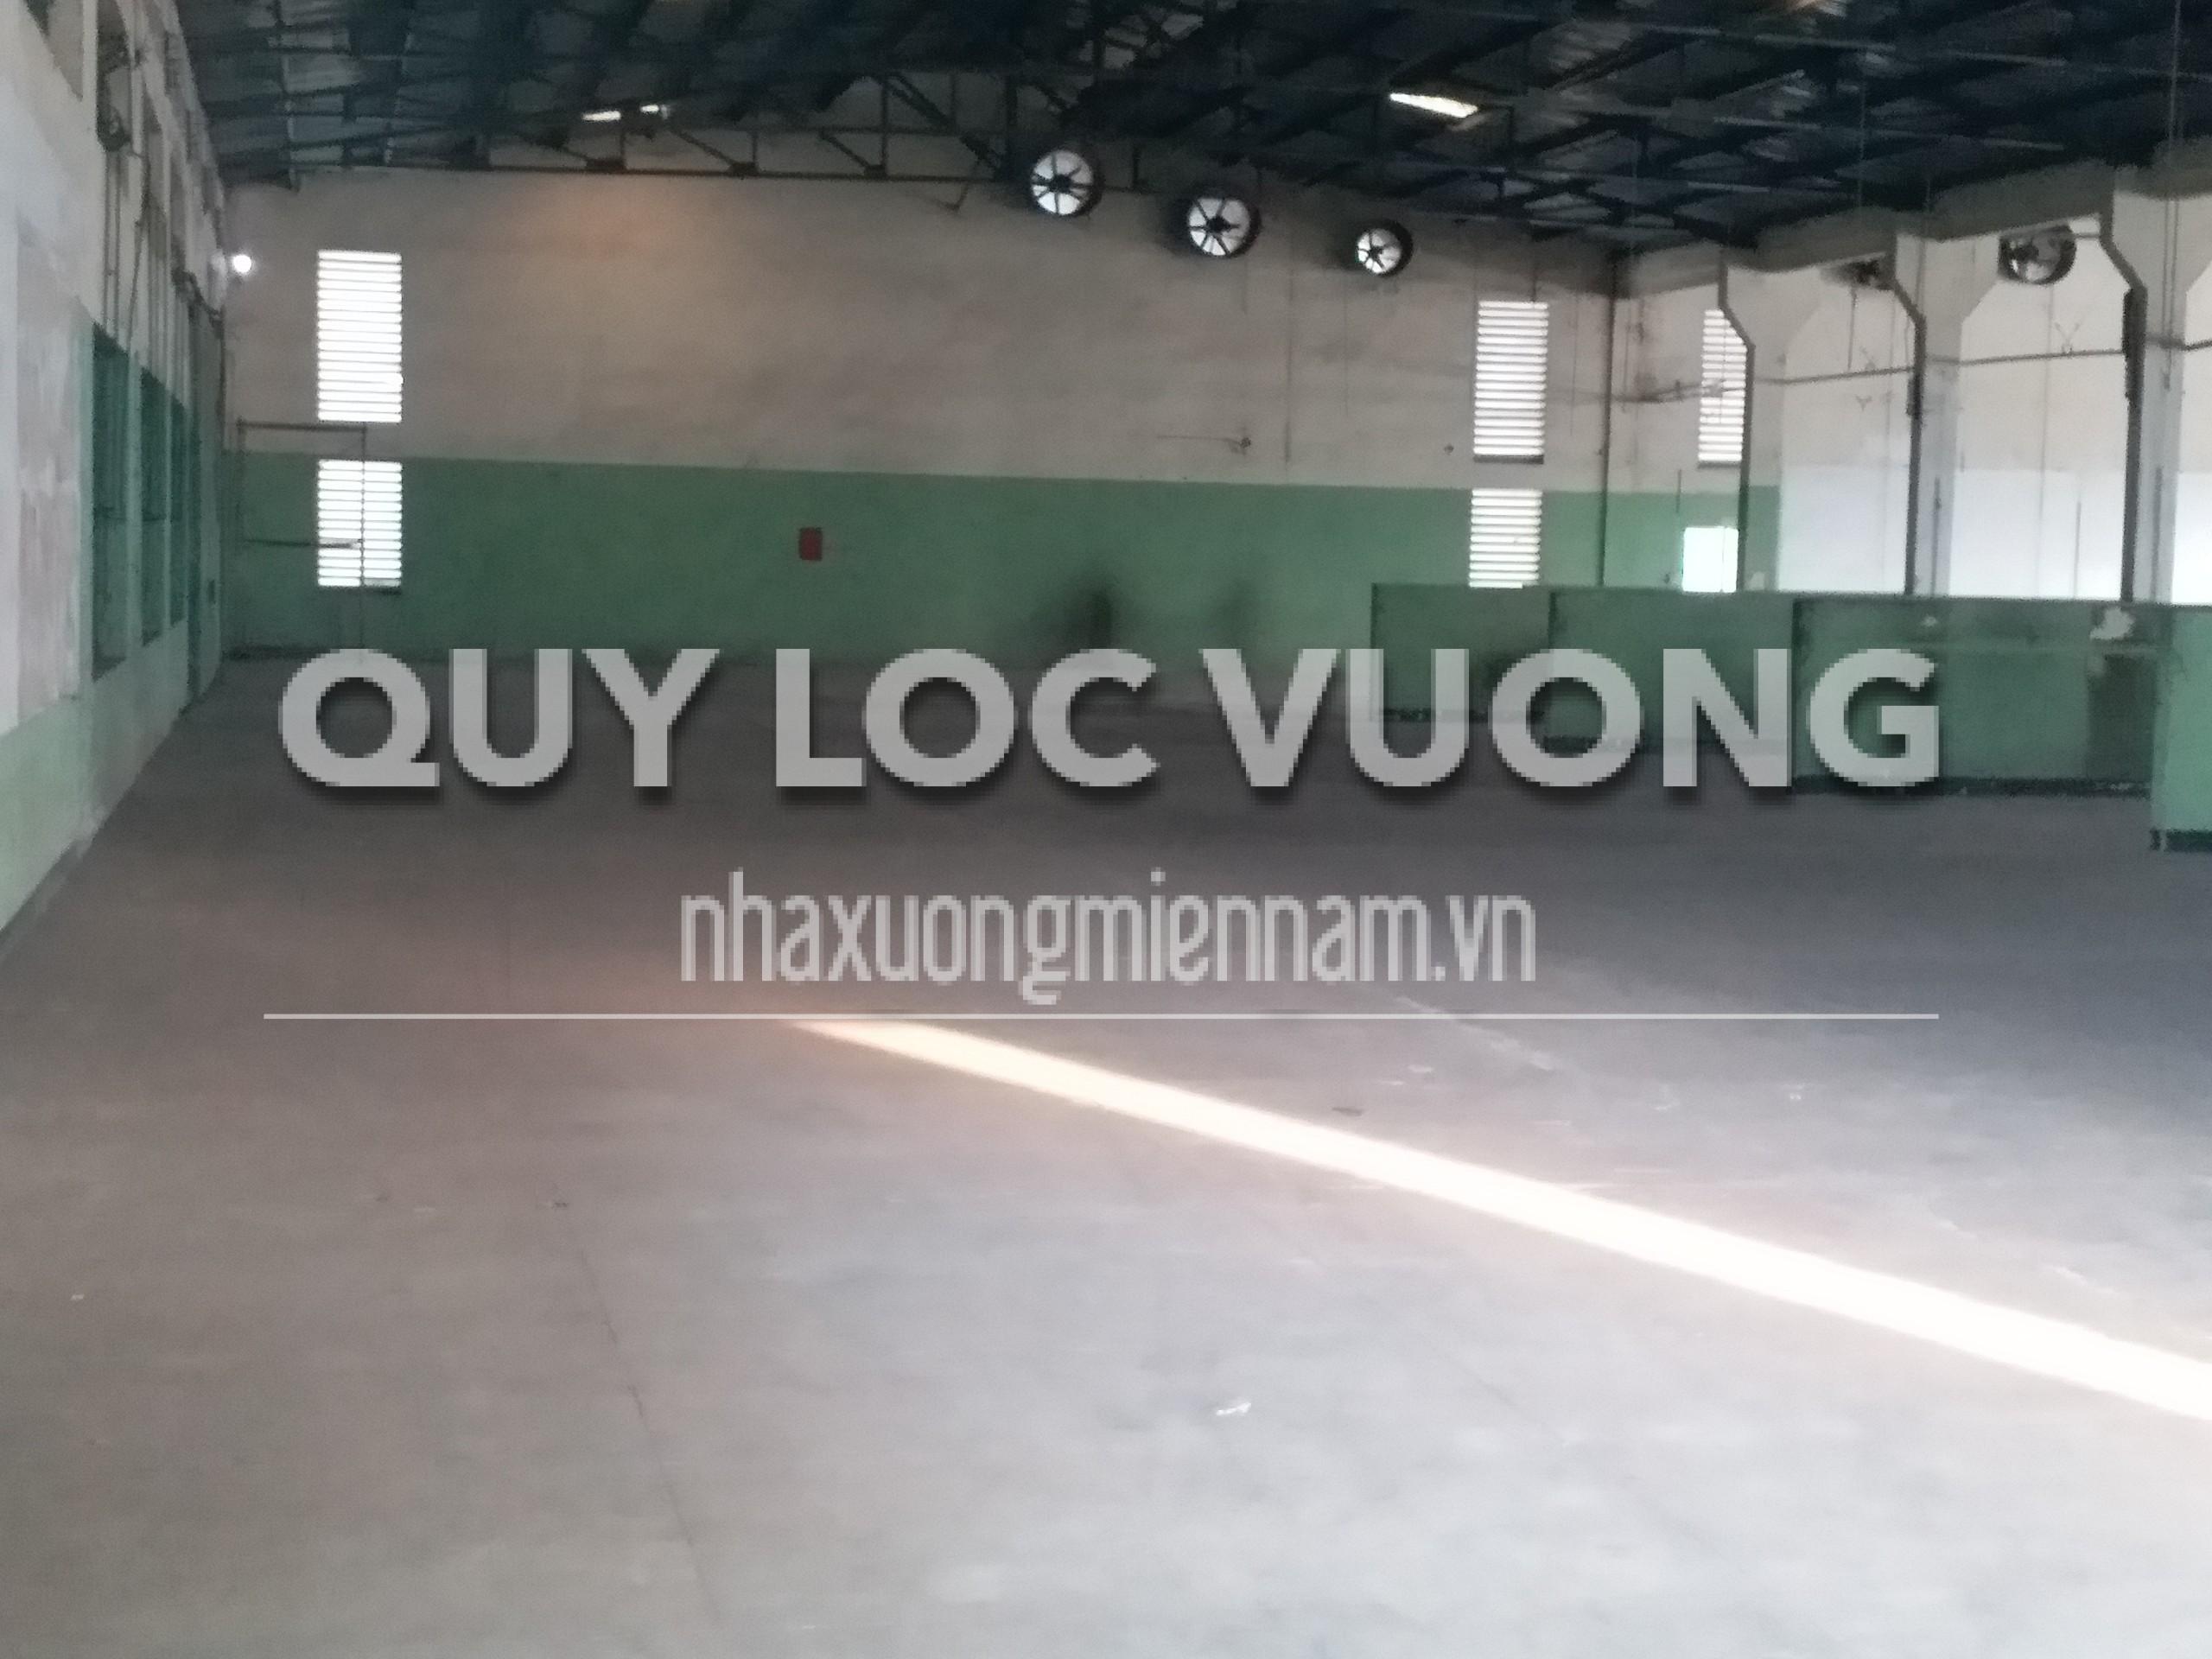 Cho thuê xưởng khu vực Bửu Long Biên Hòa Đồng Nai rộng 2100m2 giá rẻ